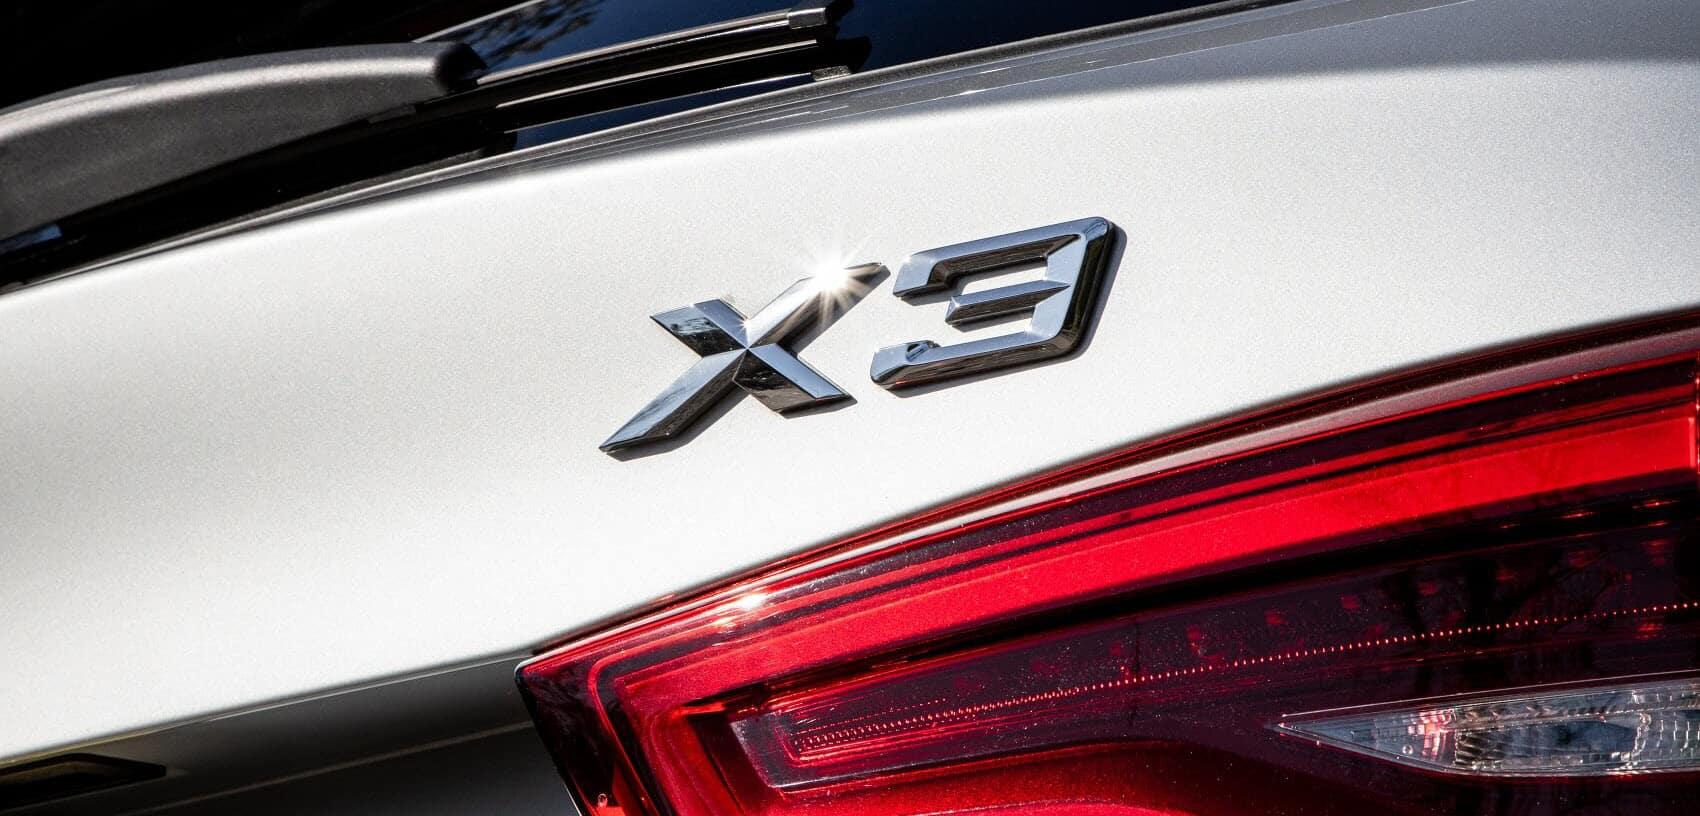 BMW X3 Emblem